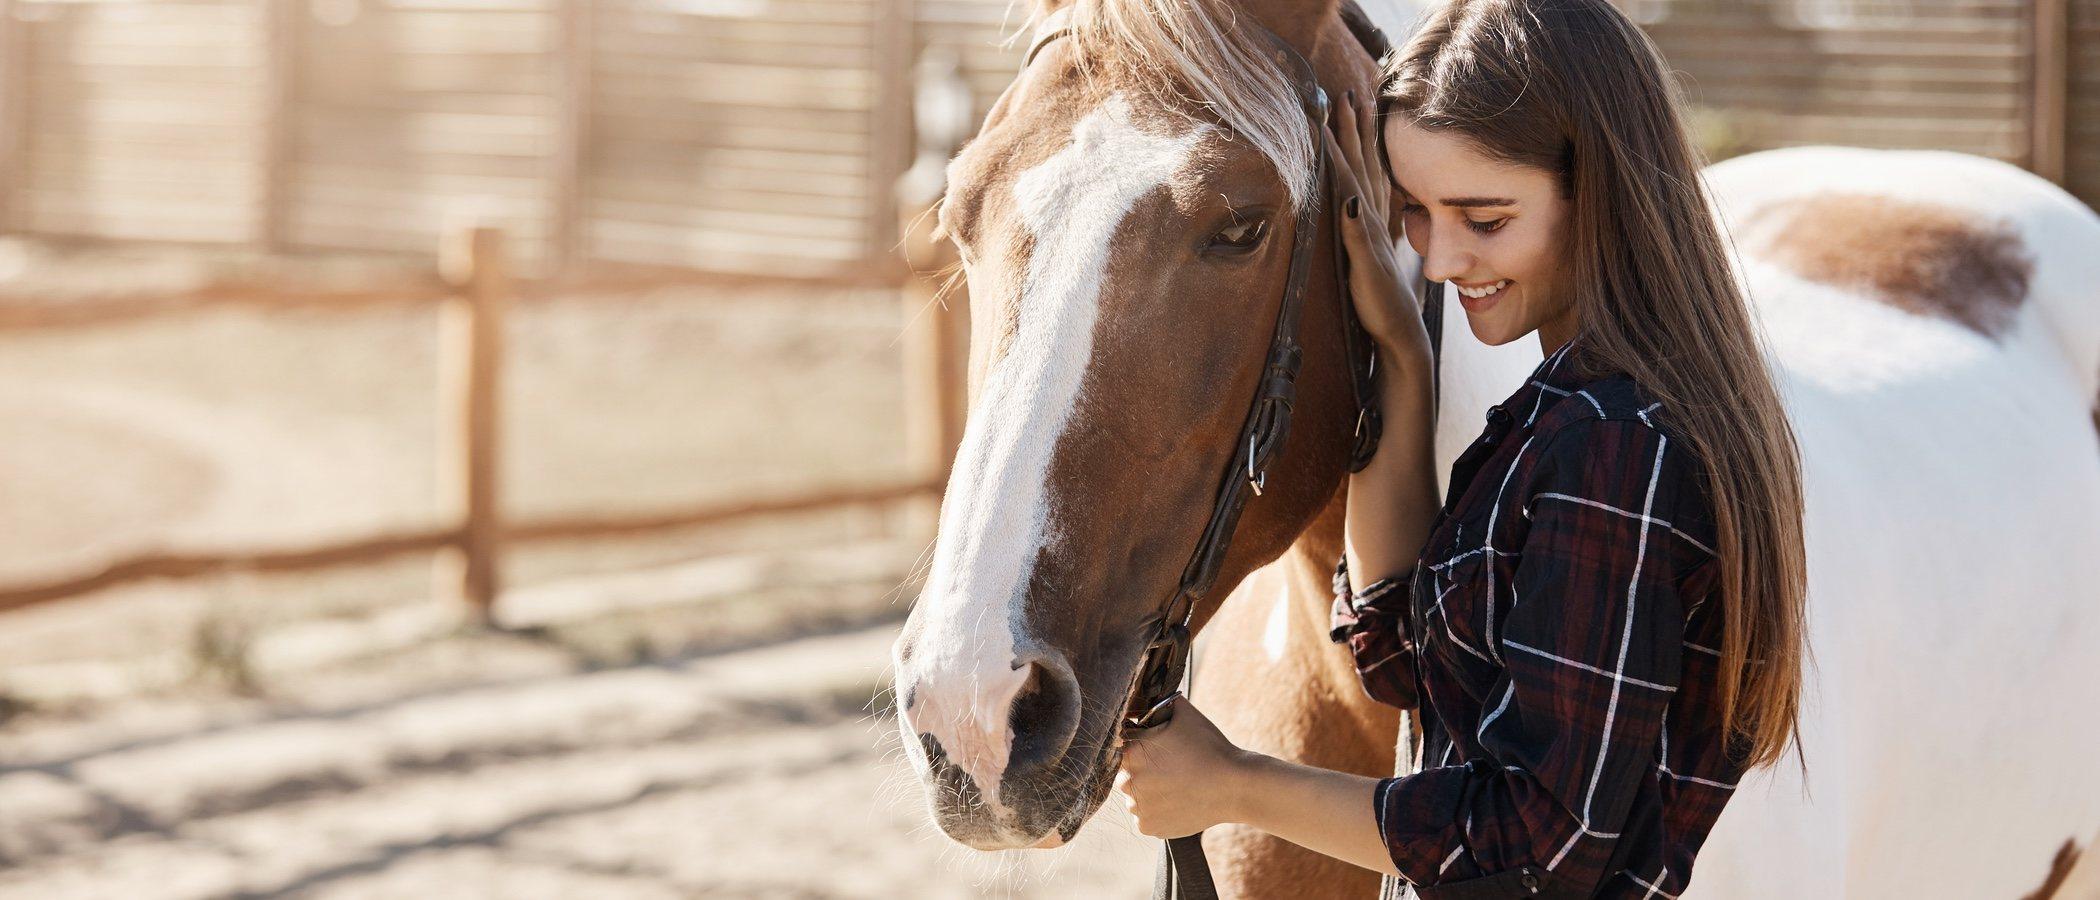 Cuánto cuesta mantener un caballo como mascota